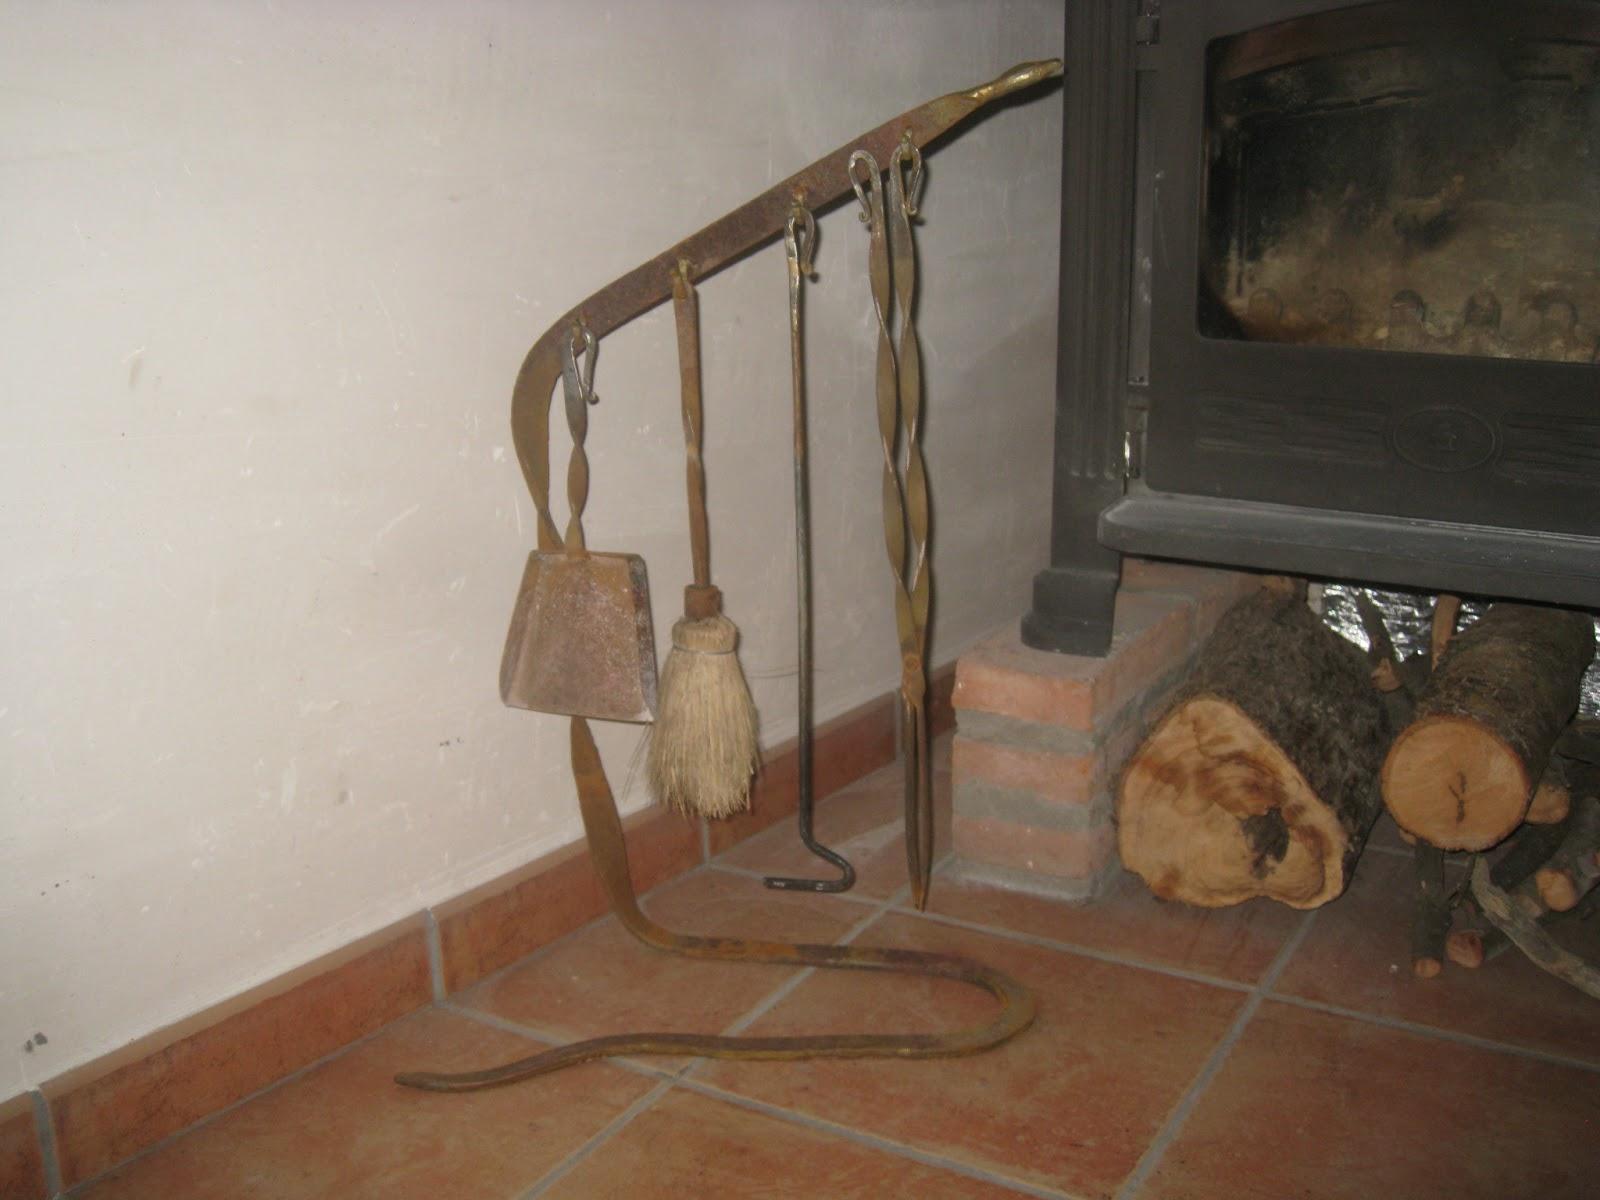 Mi forja yunque hierro y fuego accesorios - Utensilios para chimeneas ...